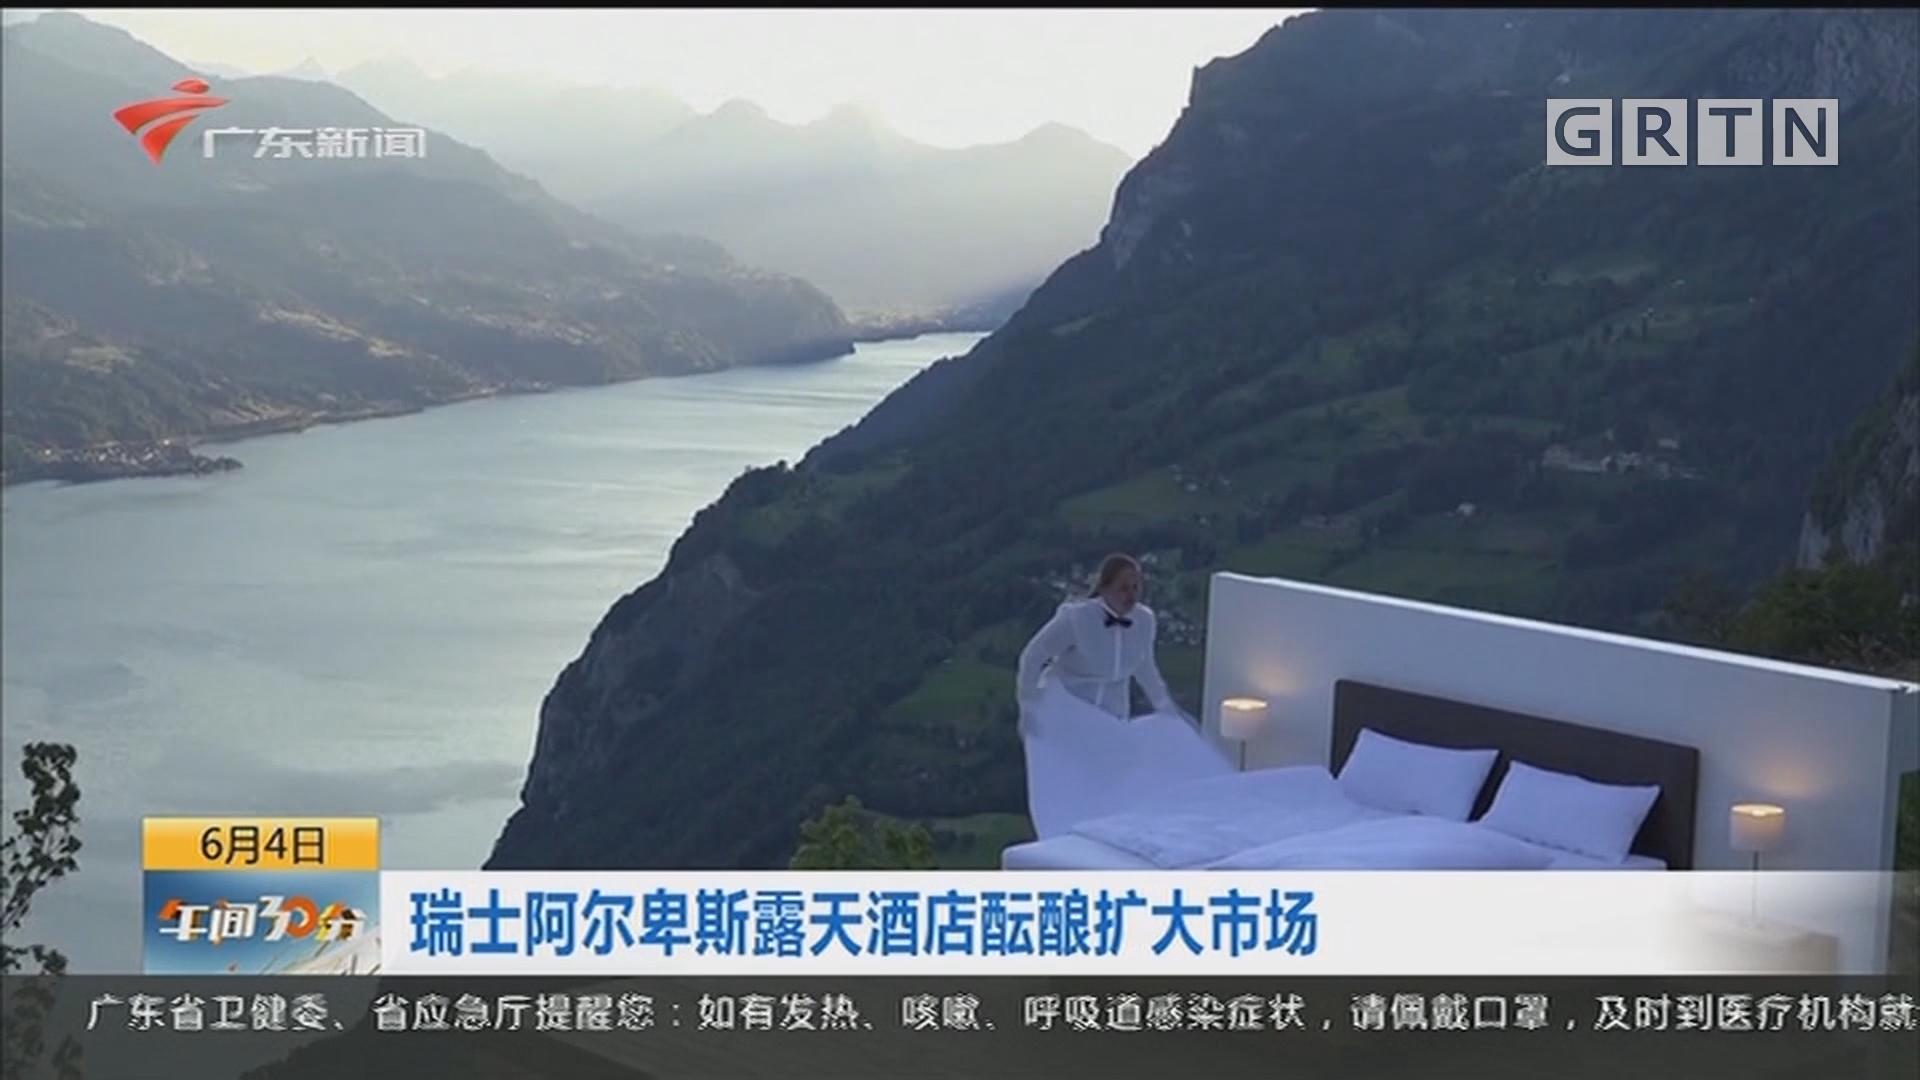 瑞士阿尔卑斯露天酒店酝酿扩大市场